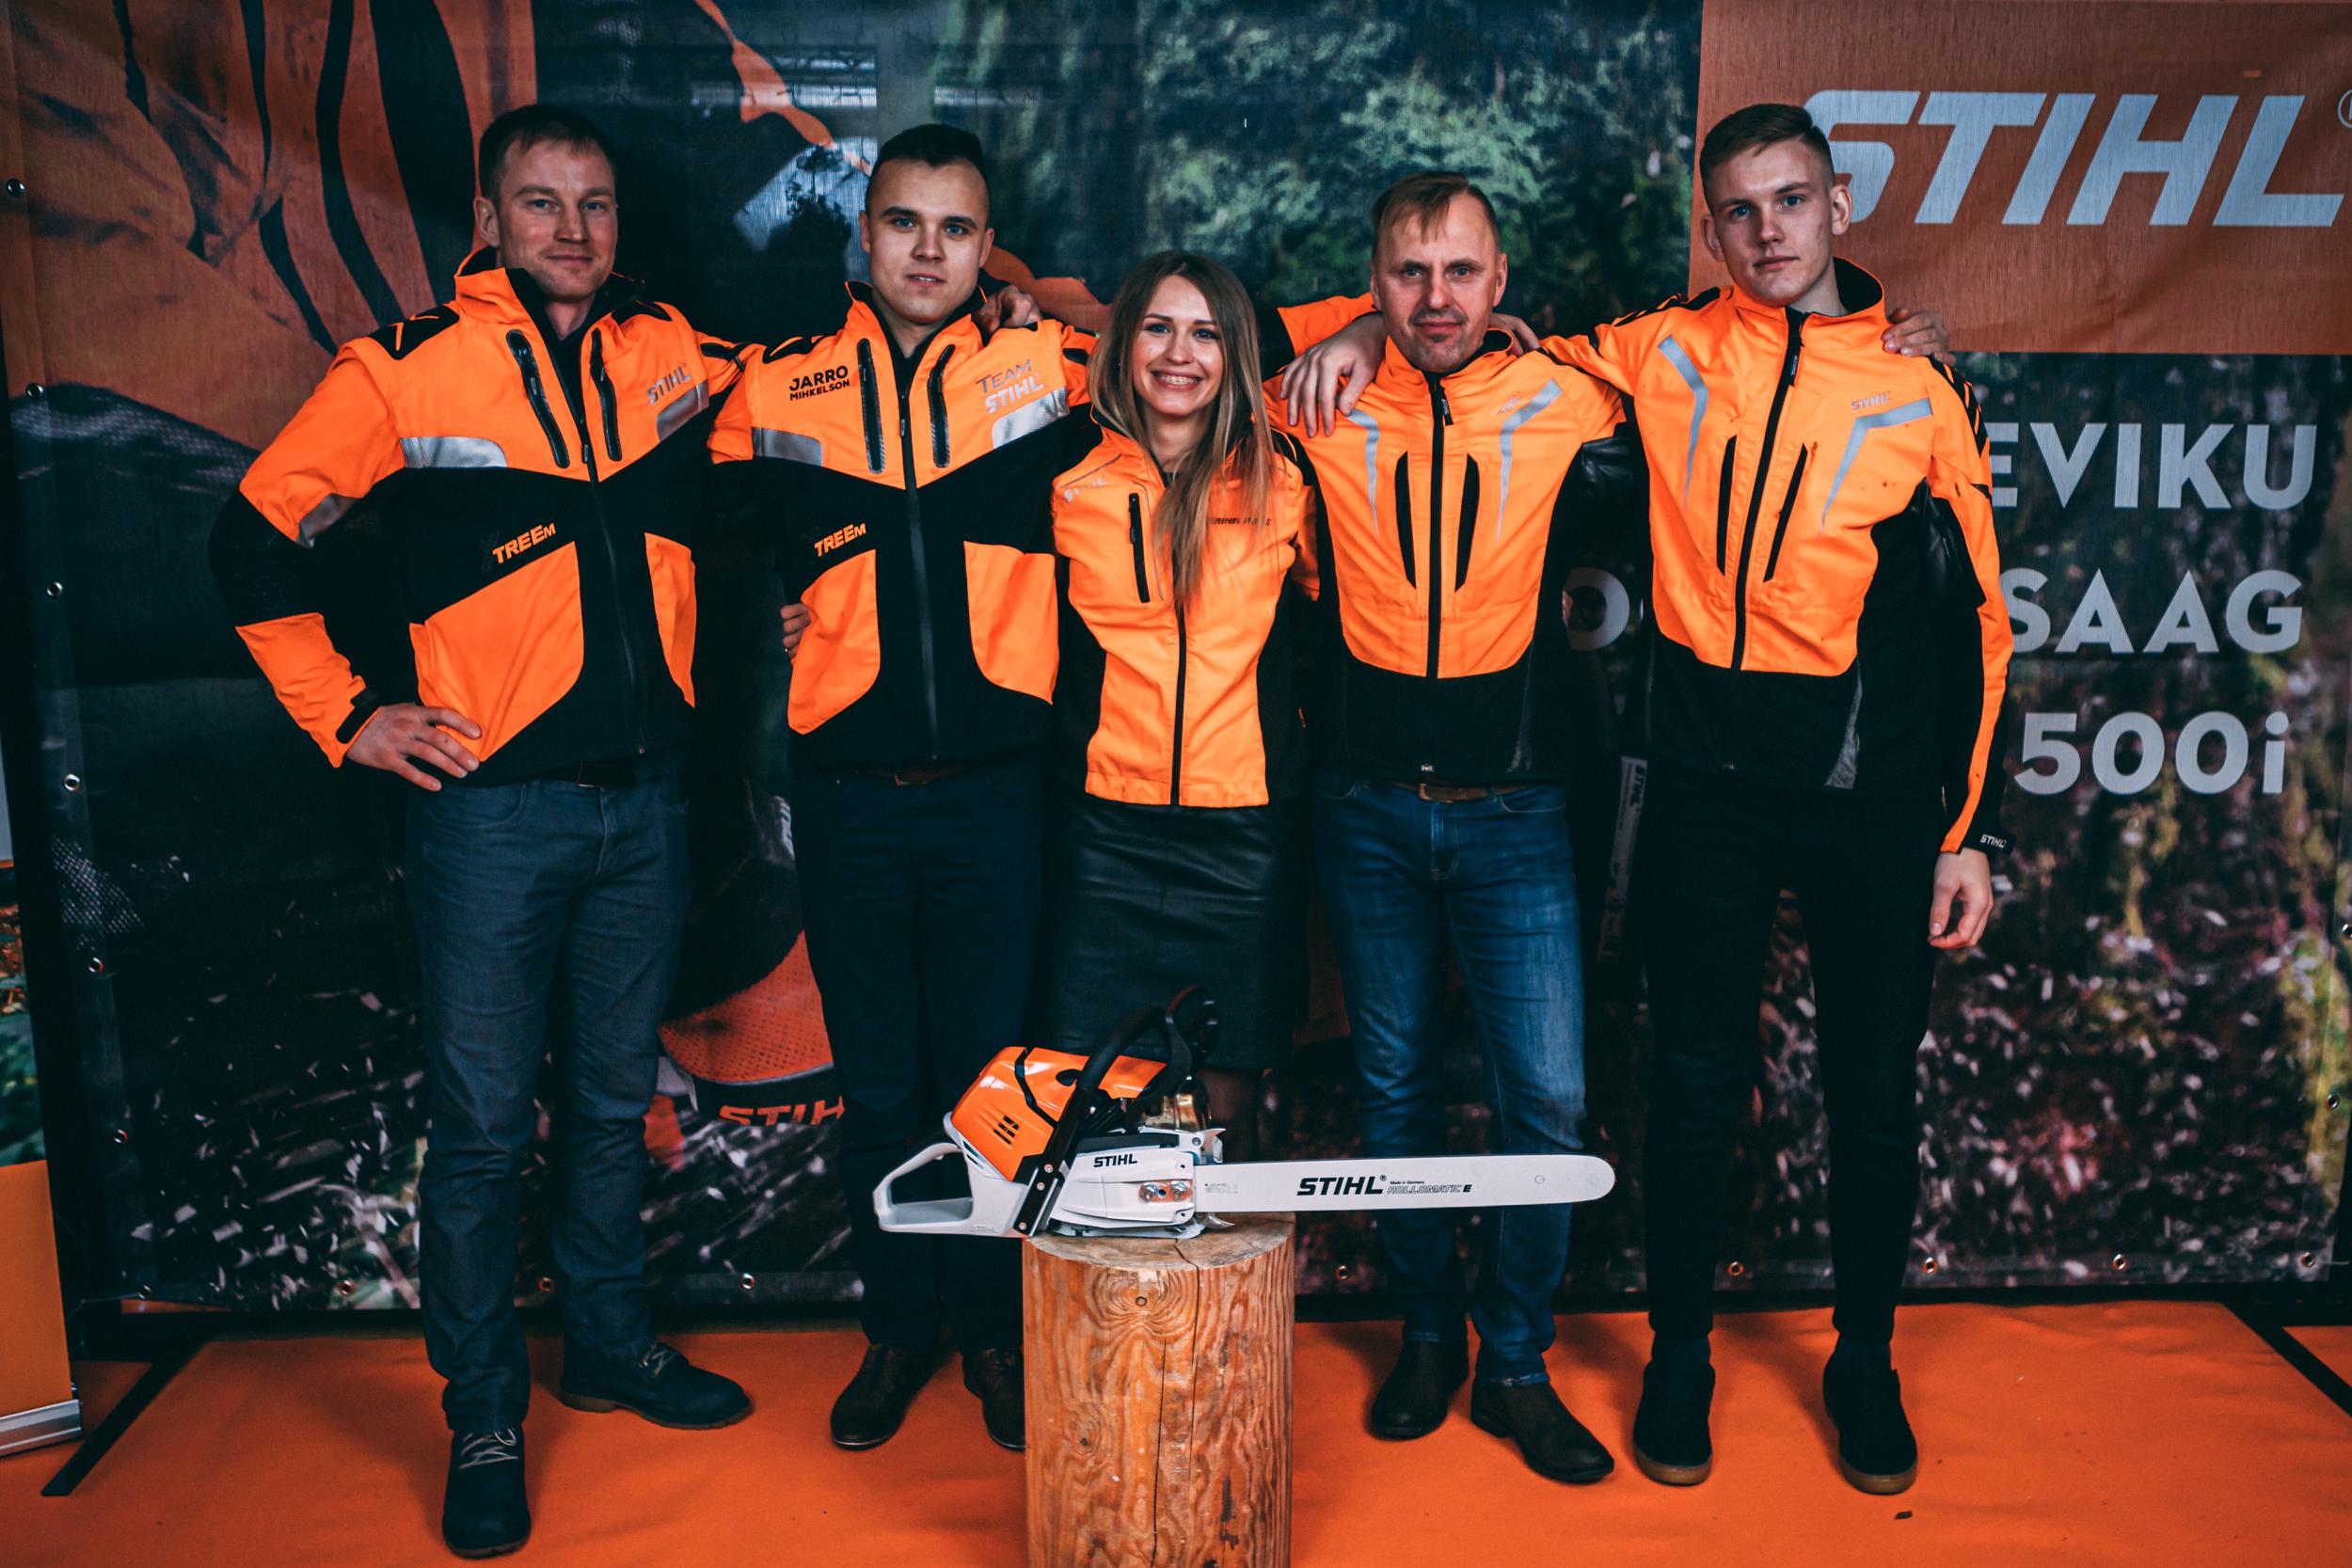 Eesti raiesportlased said omale tuliuued STIHL MS 500i võistlussaed